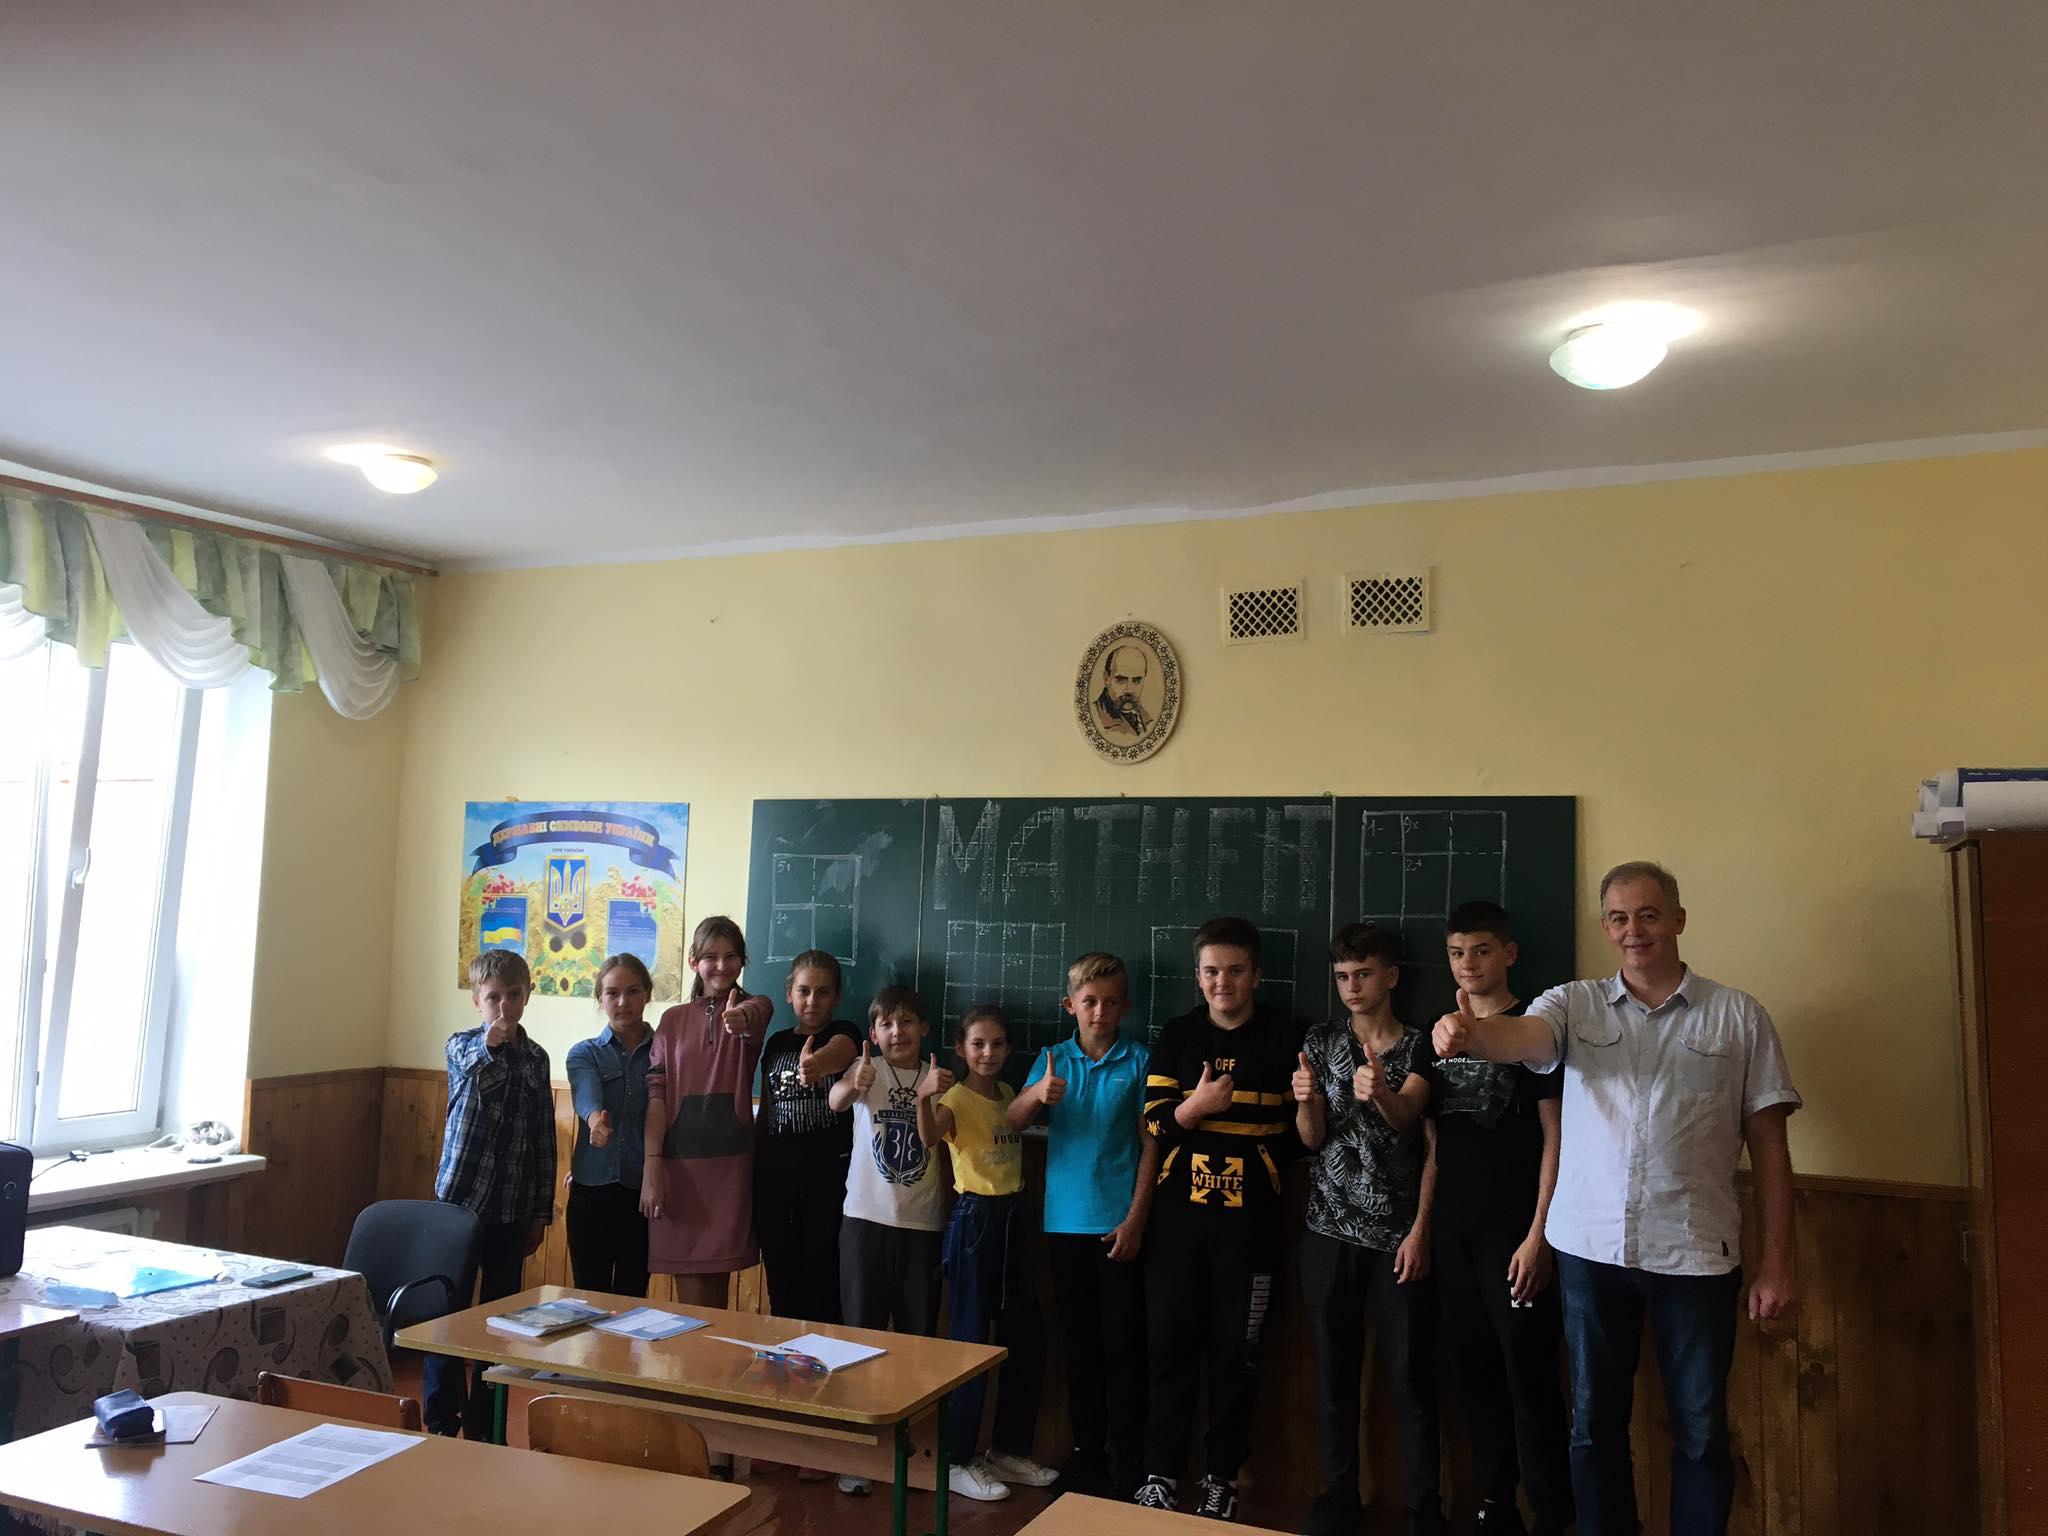 Єдиний в Хмільнику гурток з олімпіадної математики розпочав роботу